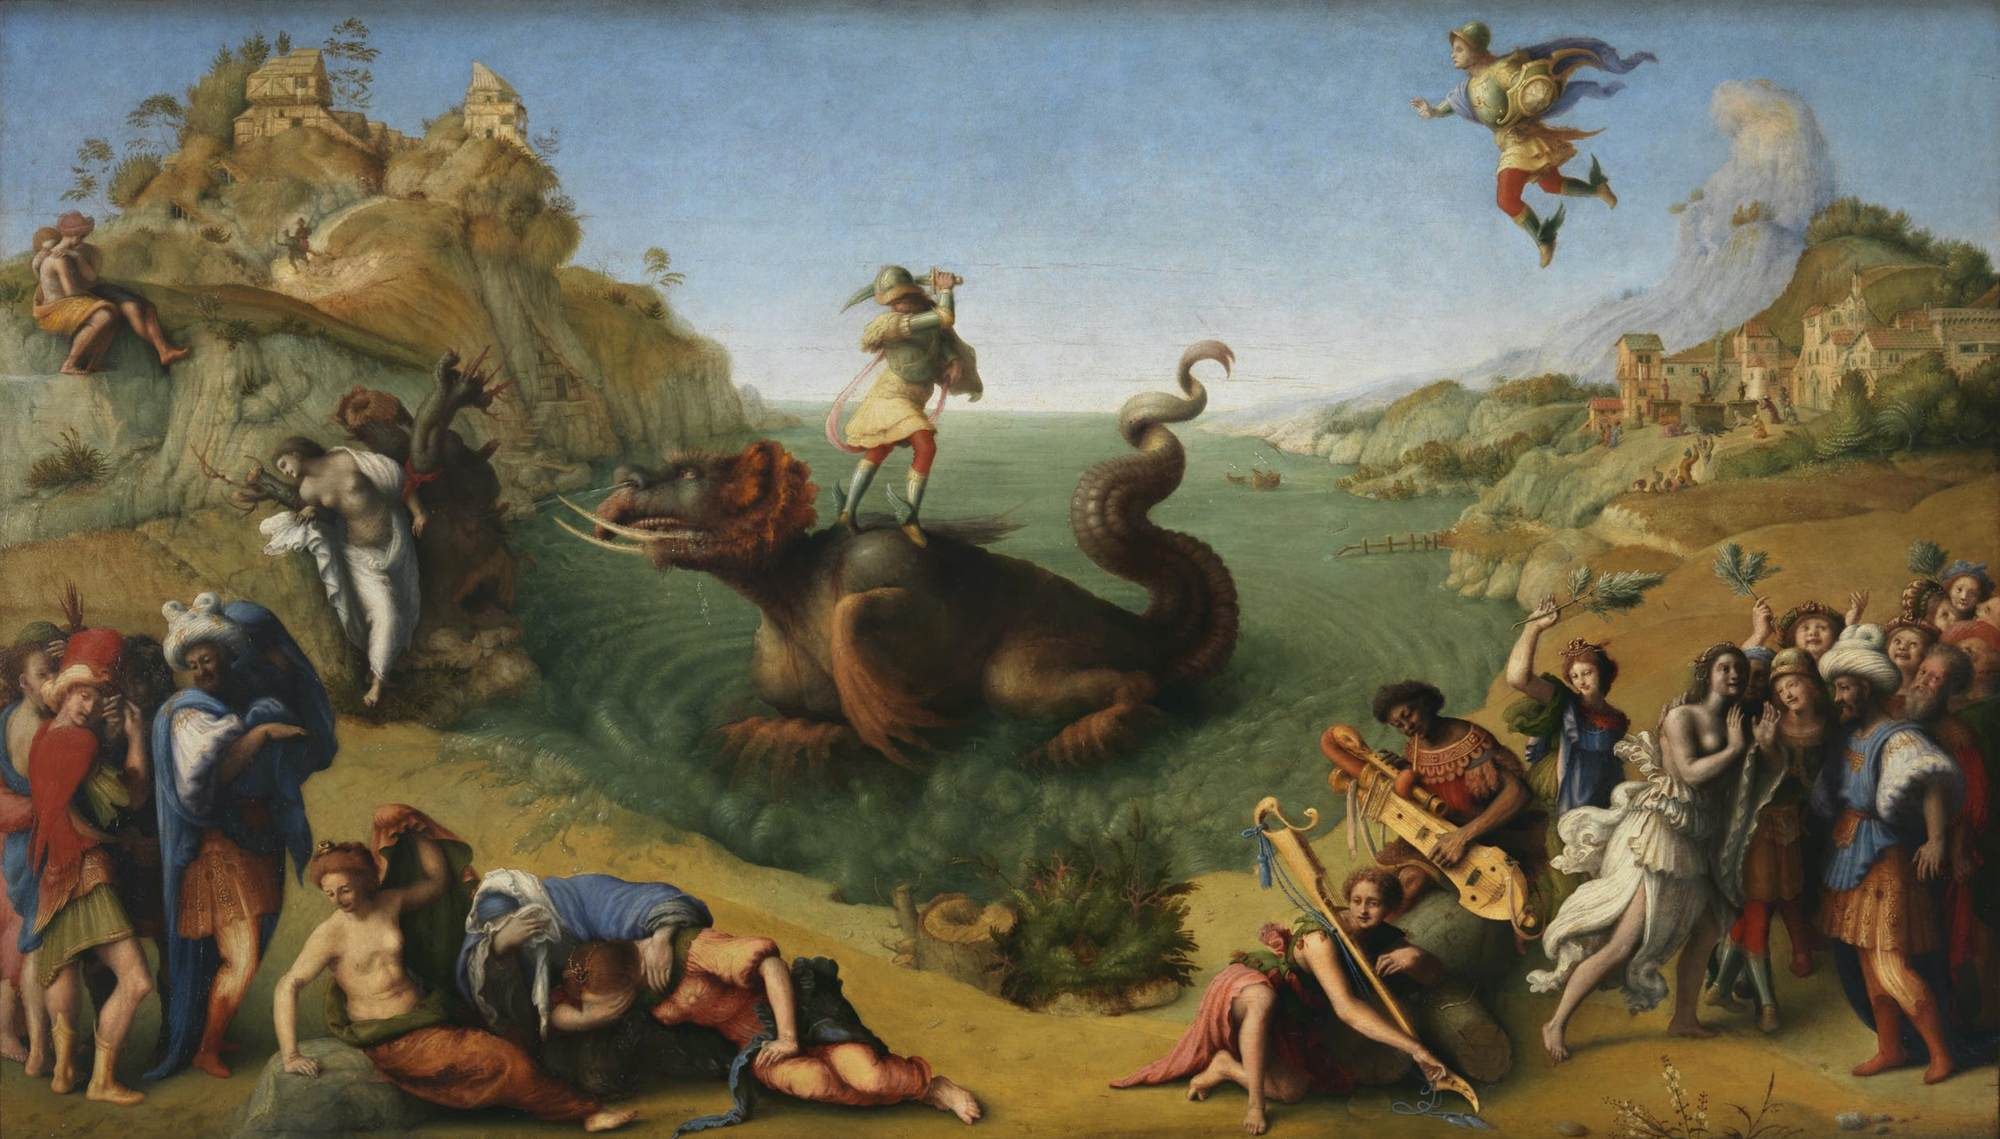 テオドール・シャセリオーの画像 p1_31